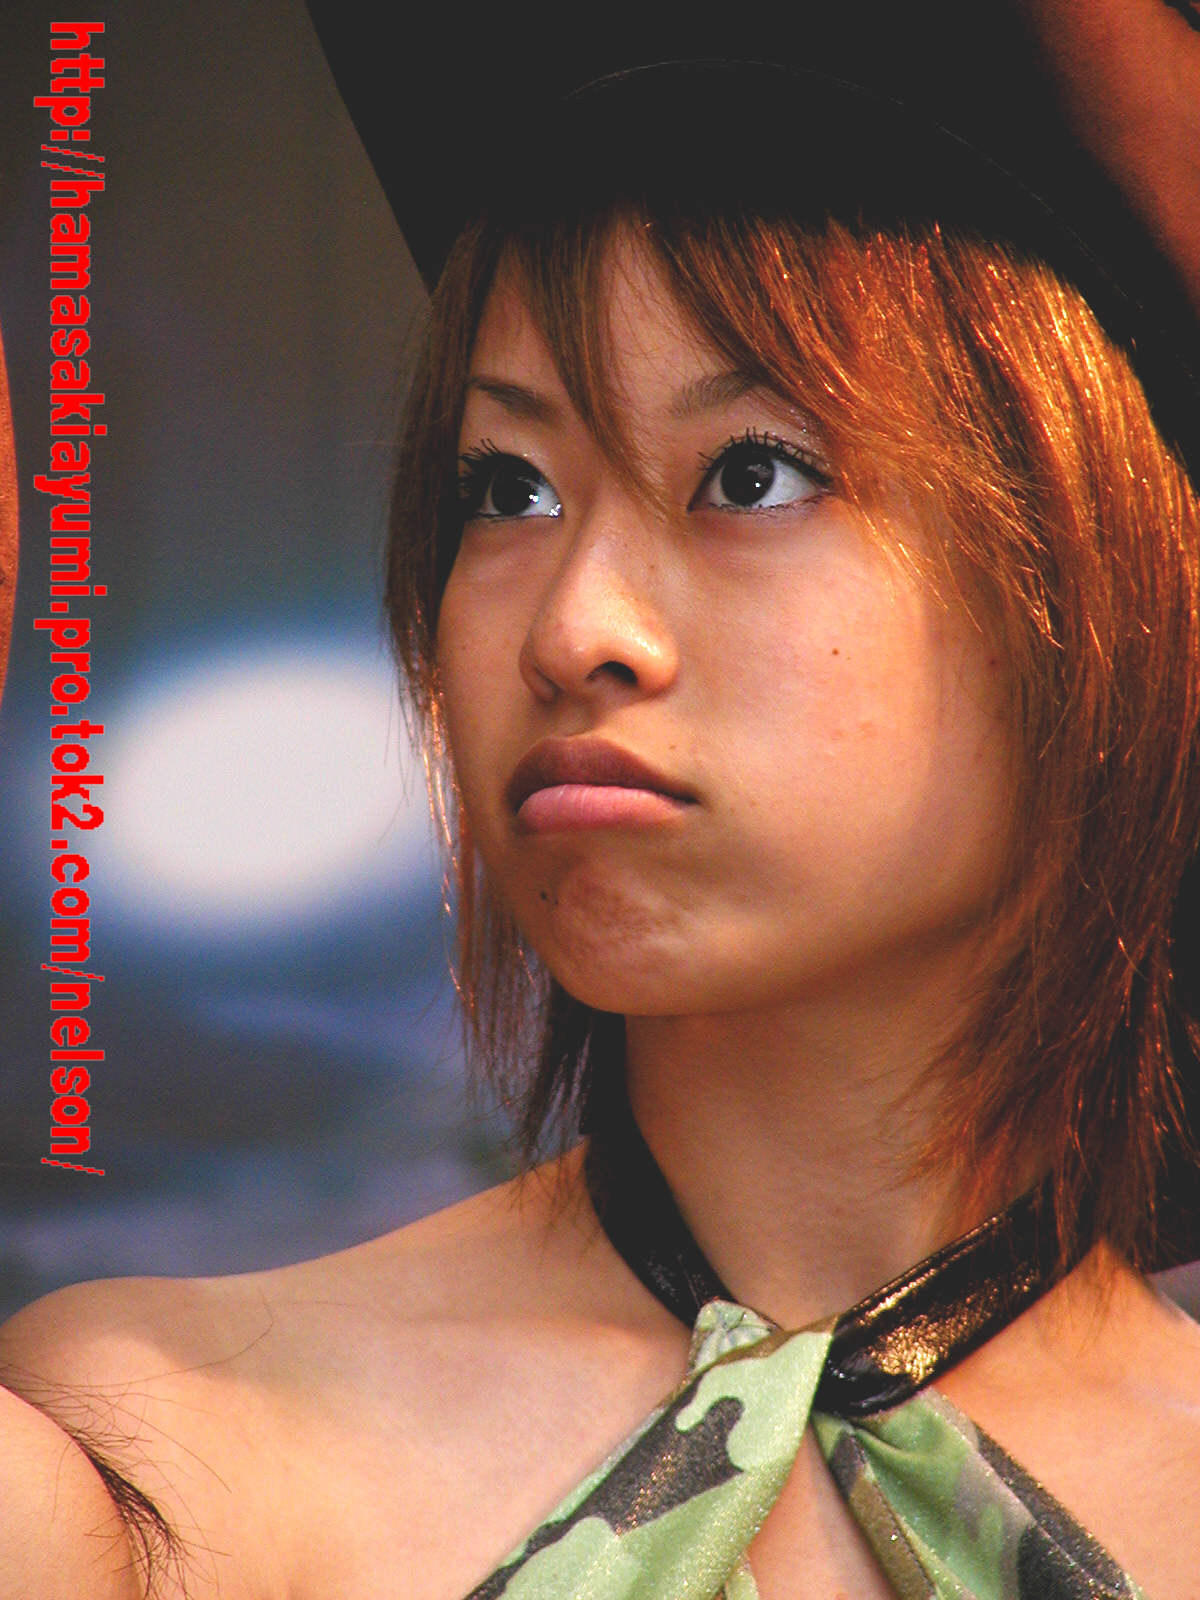 五十嵐恵の画像 p1_7